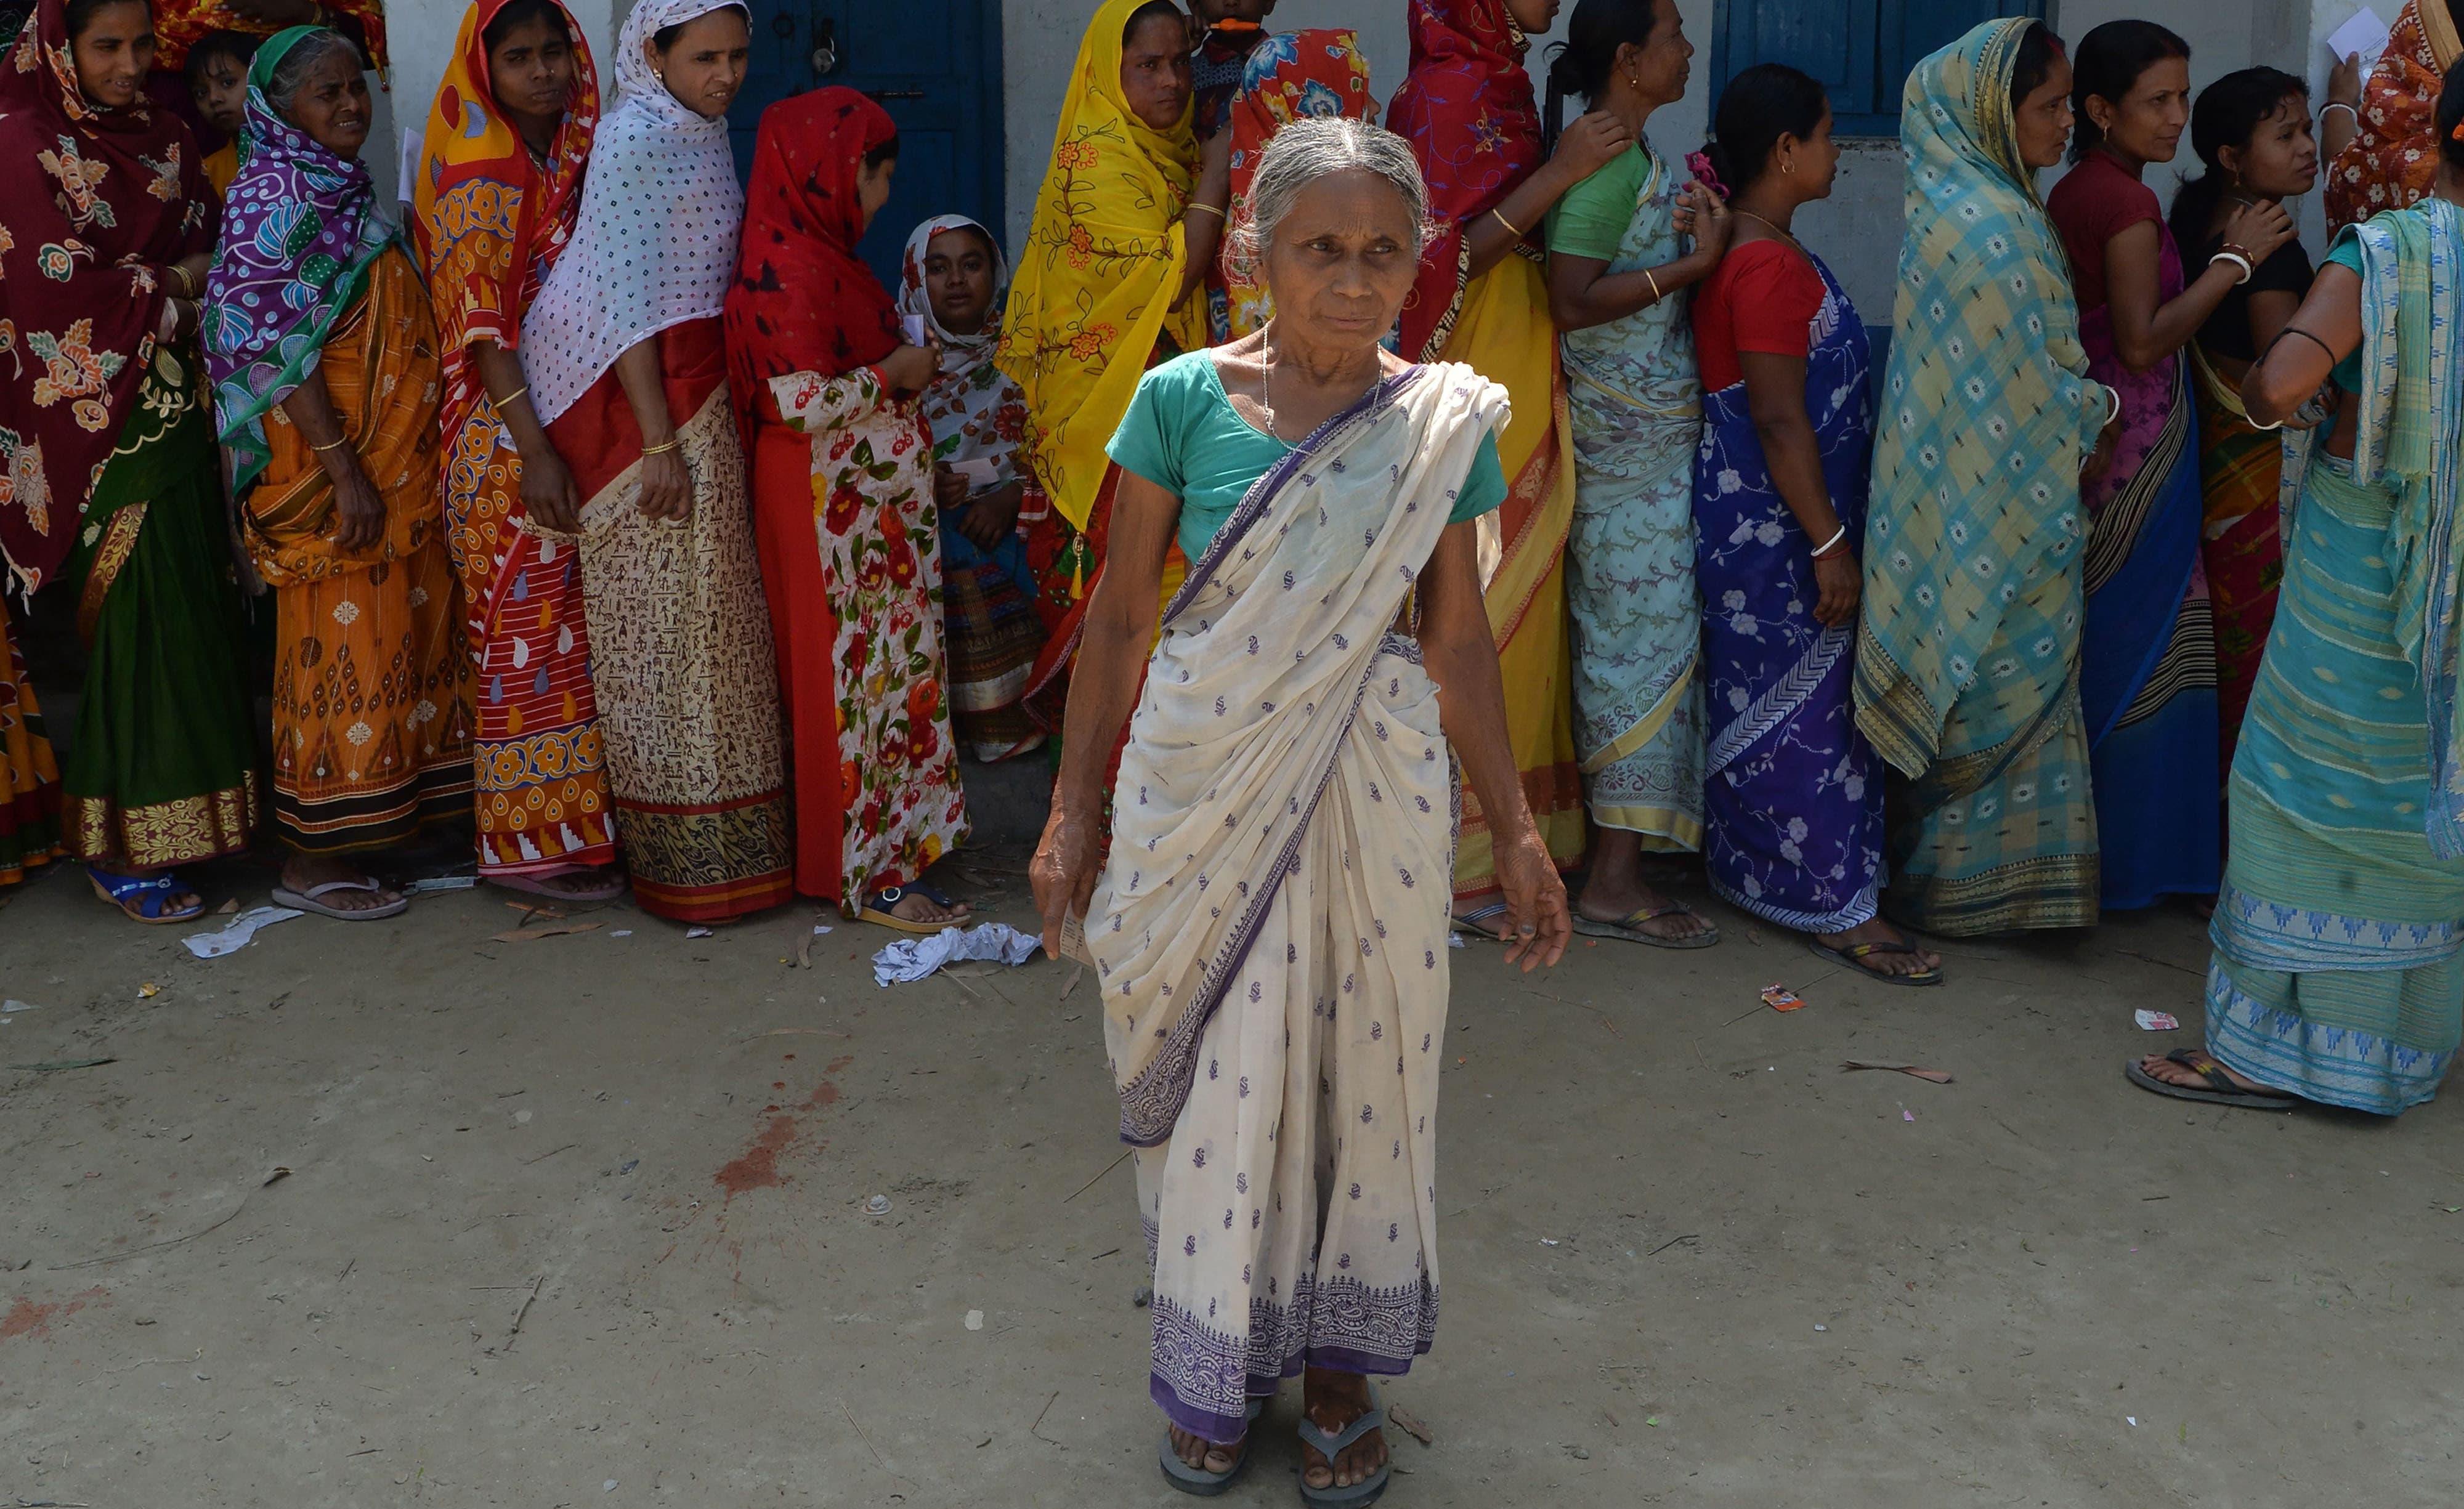 بہار سے تعلق رکھنے والی ایک خاتون ووٹ ڈالنے کے لیے اپنی باری کی منتظر ہیں —فوٹو/ اے ایف پی